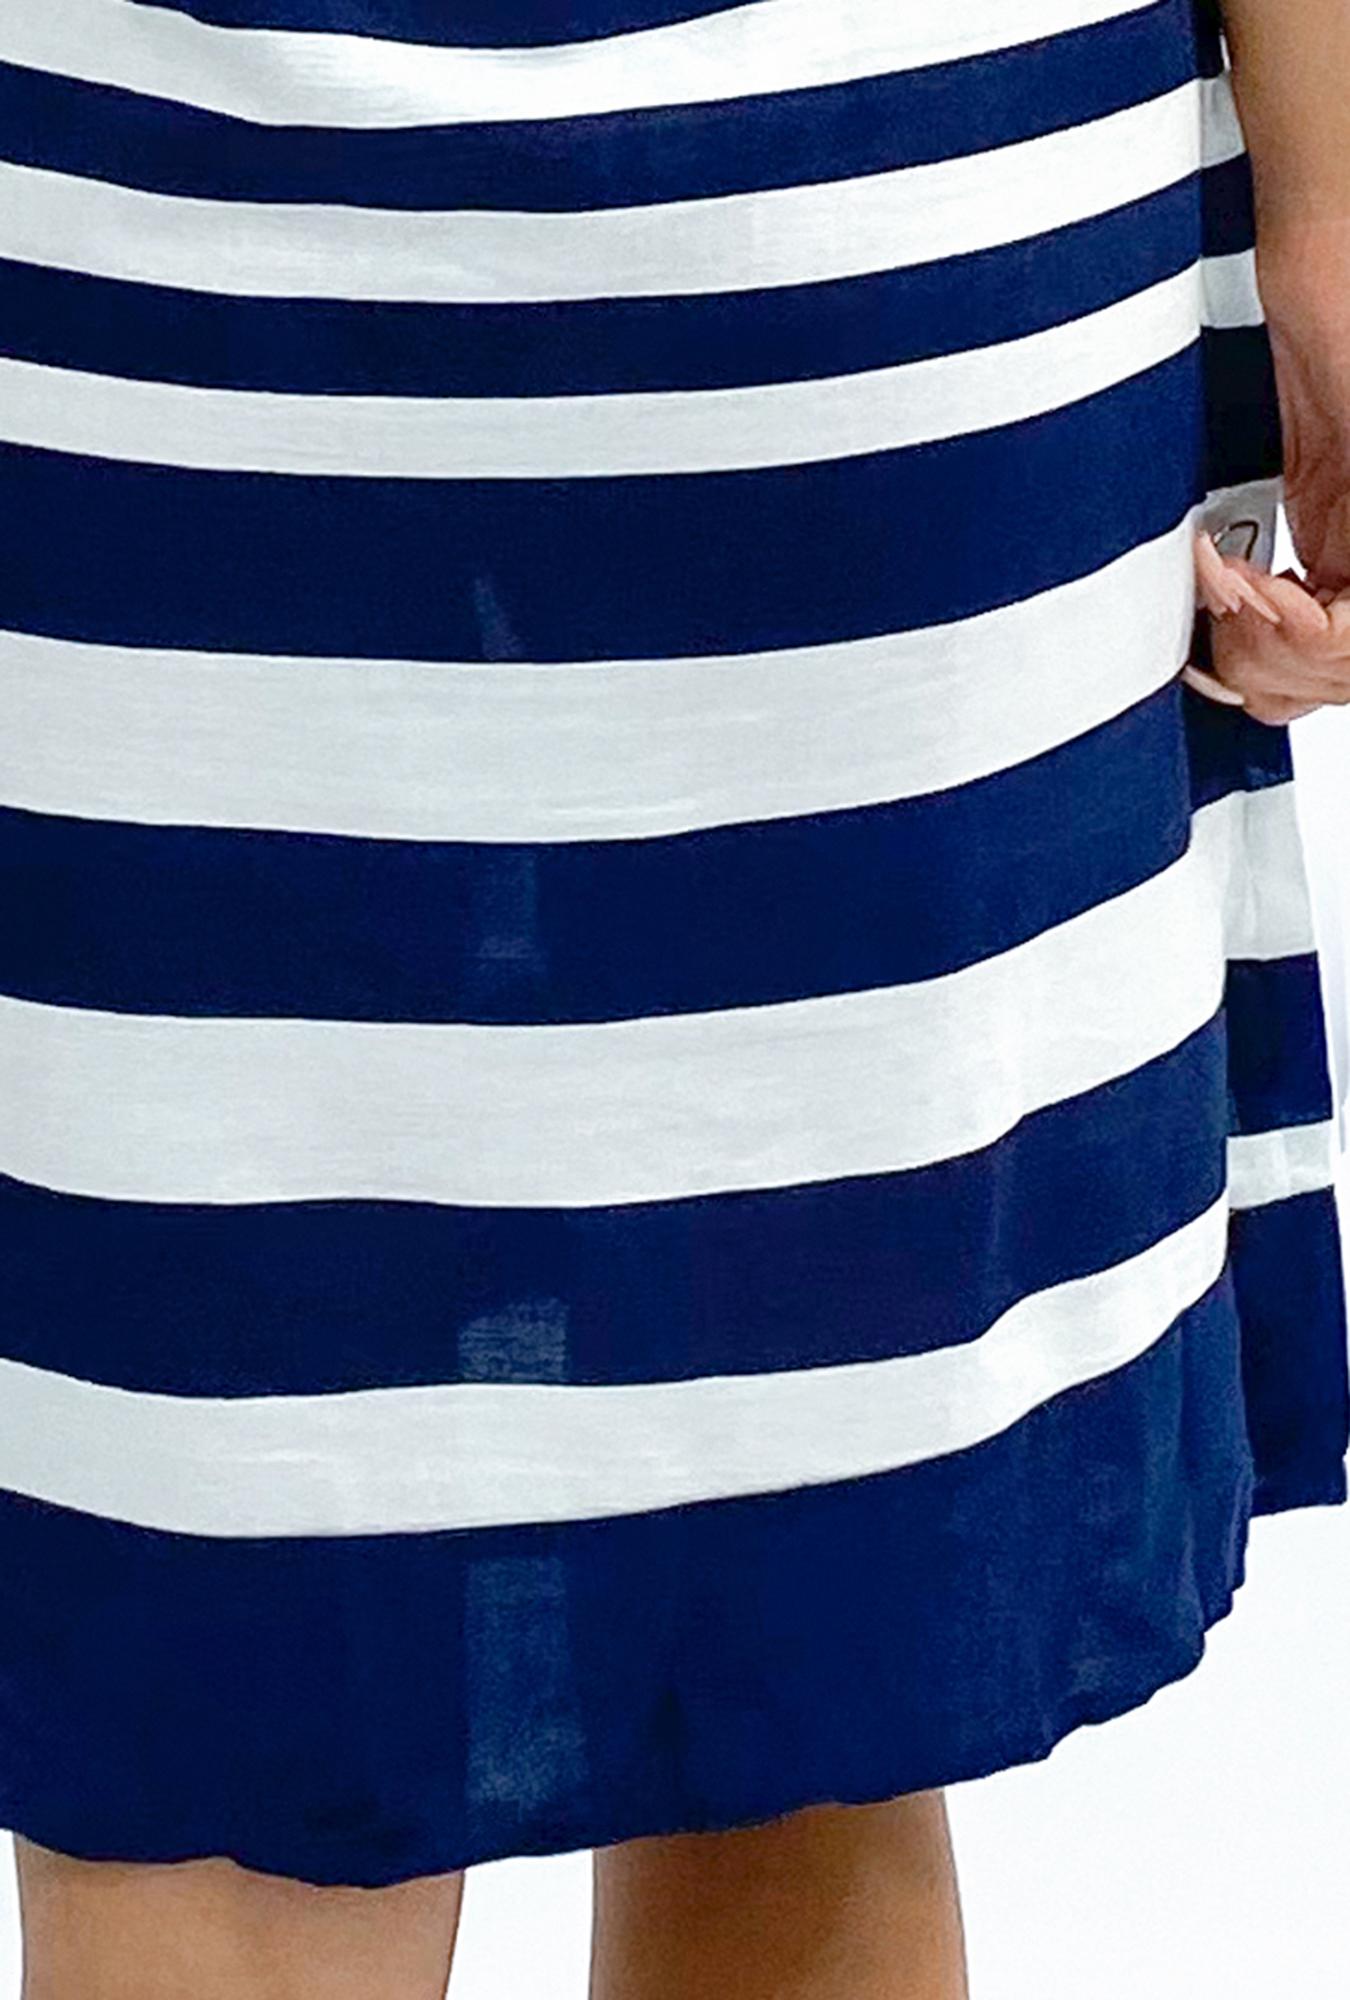 Jane Swing Dress in Navy